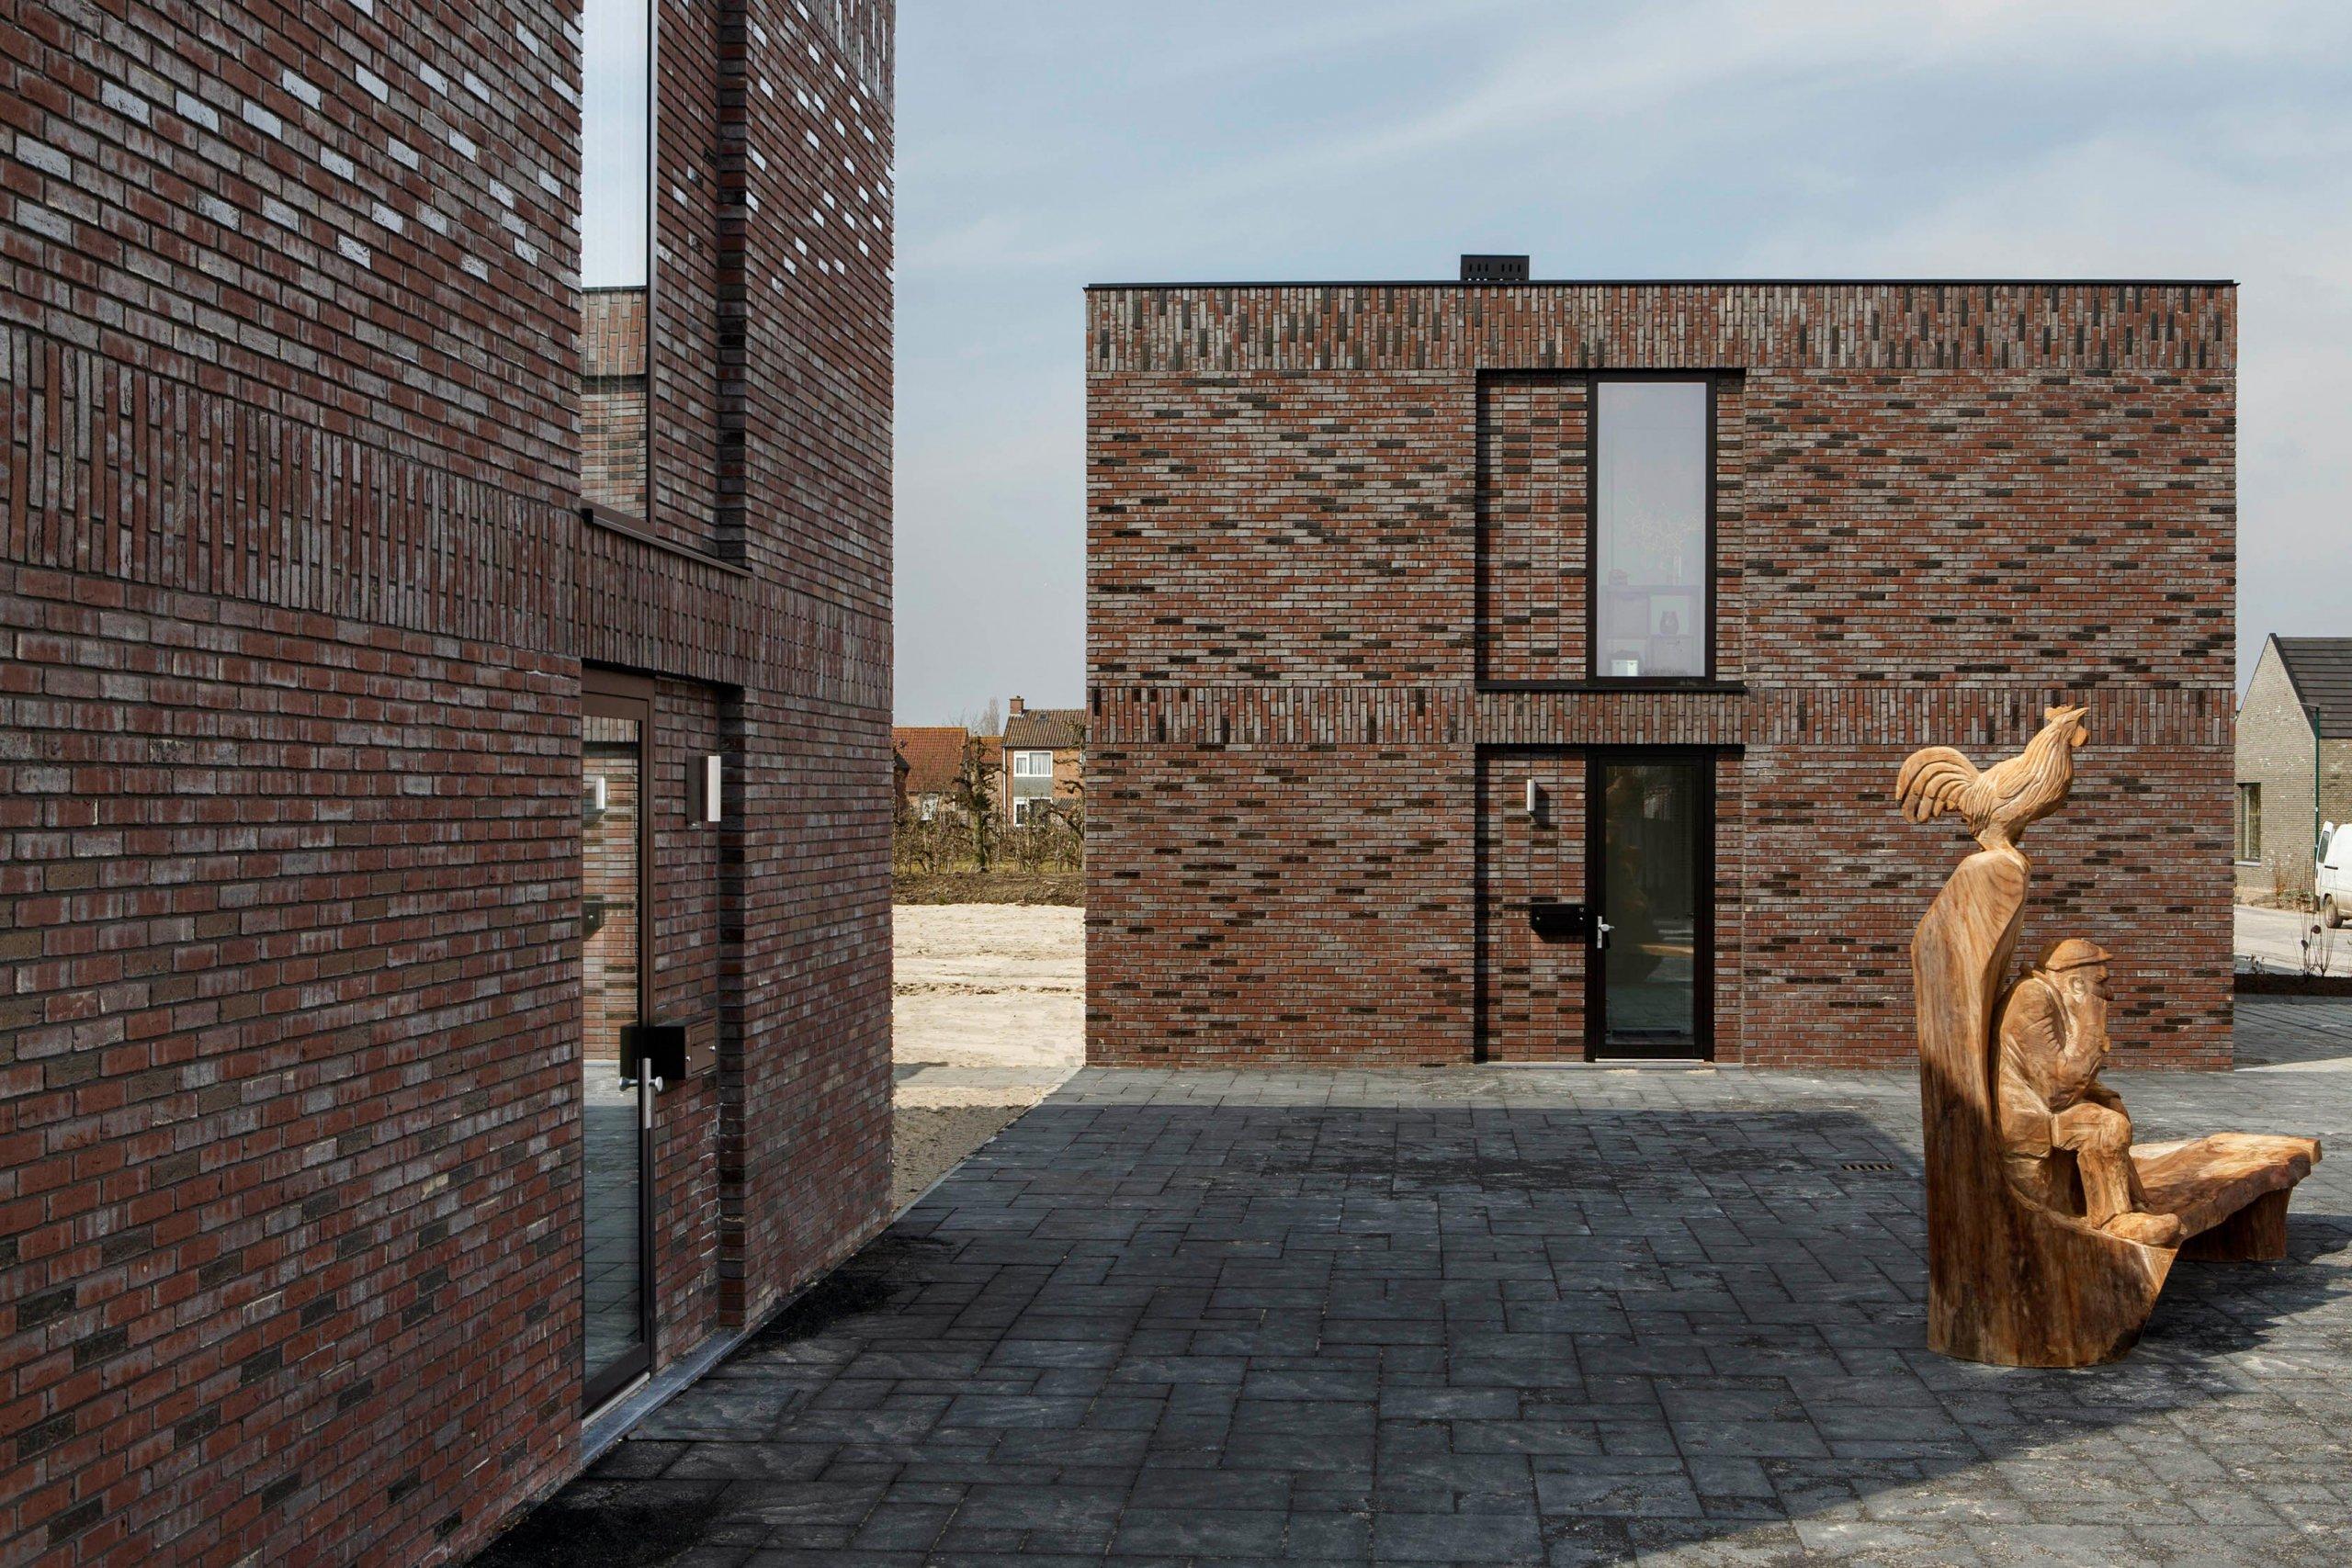 bakstenen woonblokken met starterswoningen in Schalkwijk, Provincie Utrecht